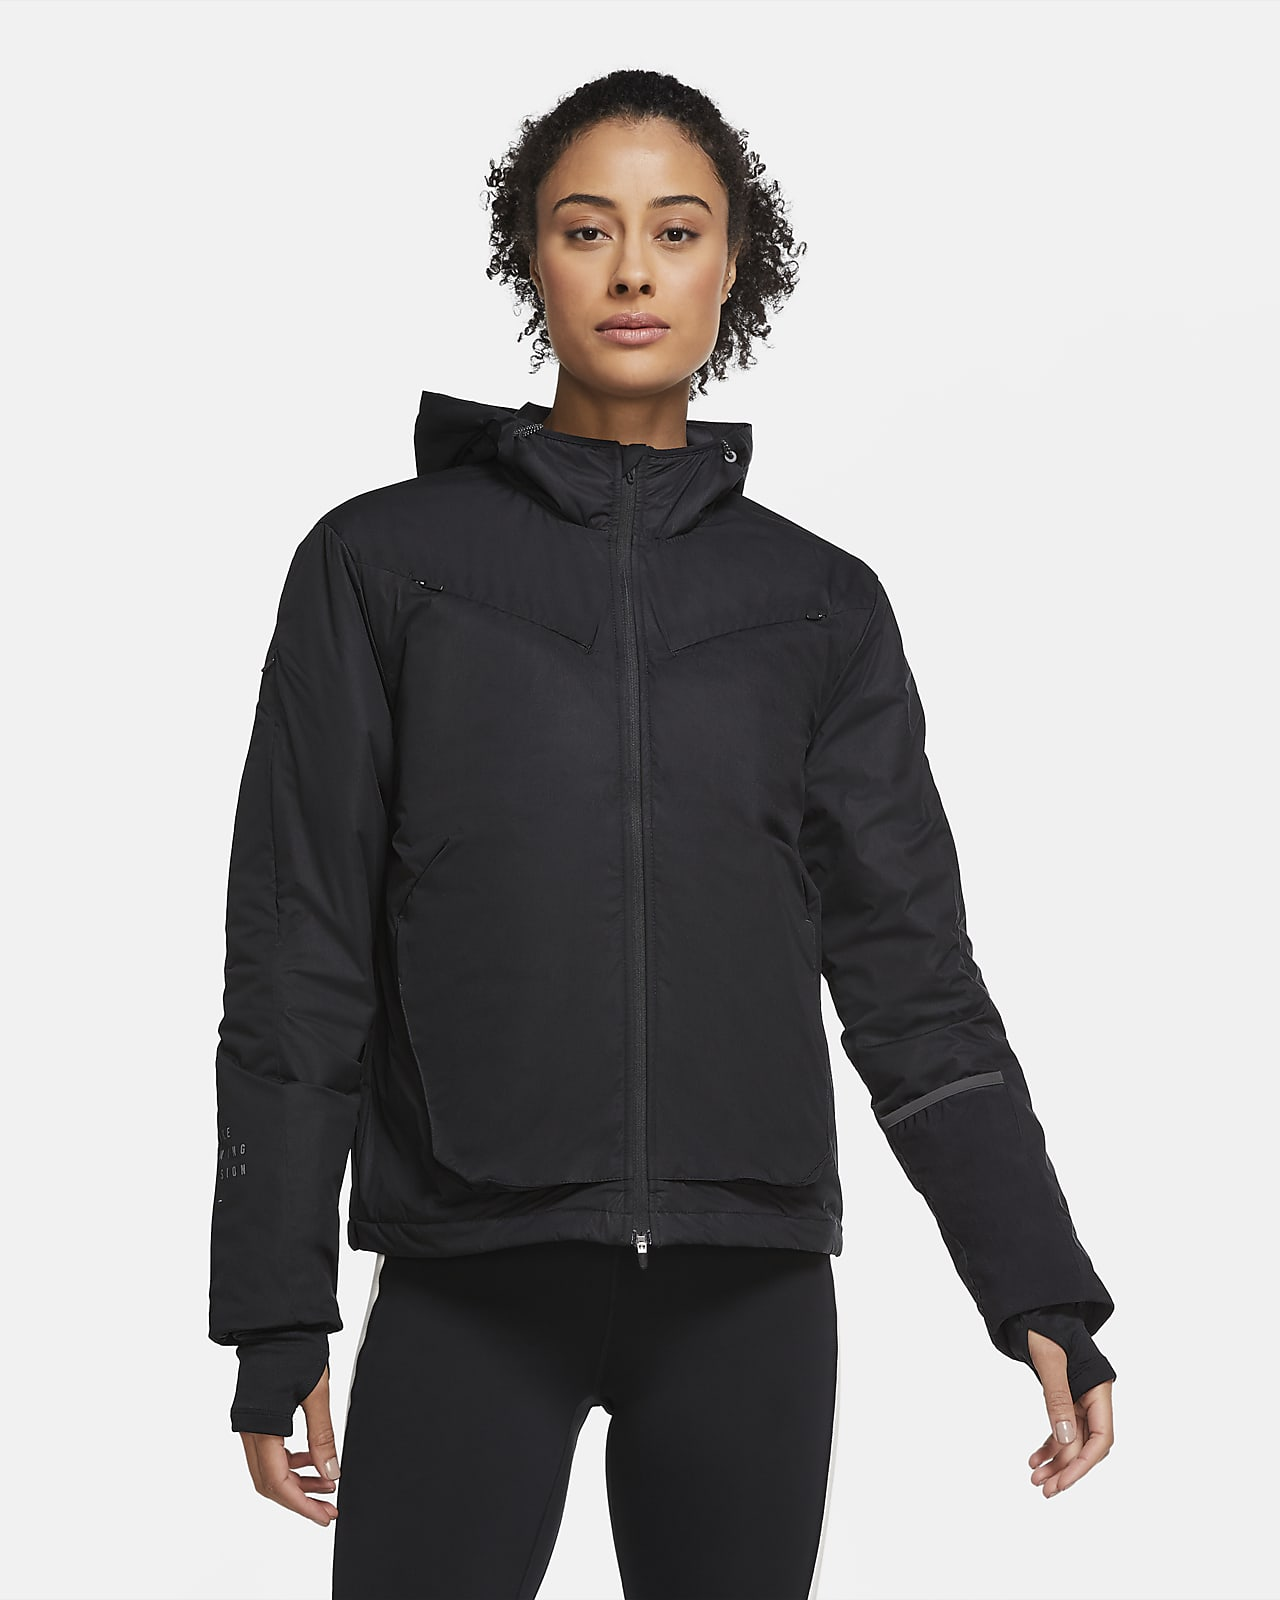 Damska kurtka do biegania z dynamiczną wentylacją Nike Run Division